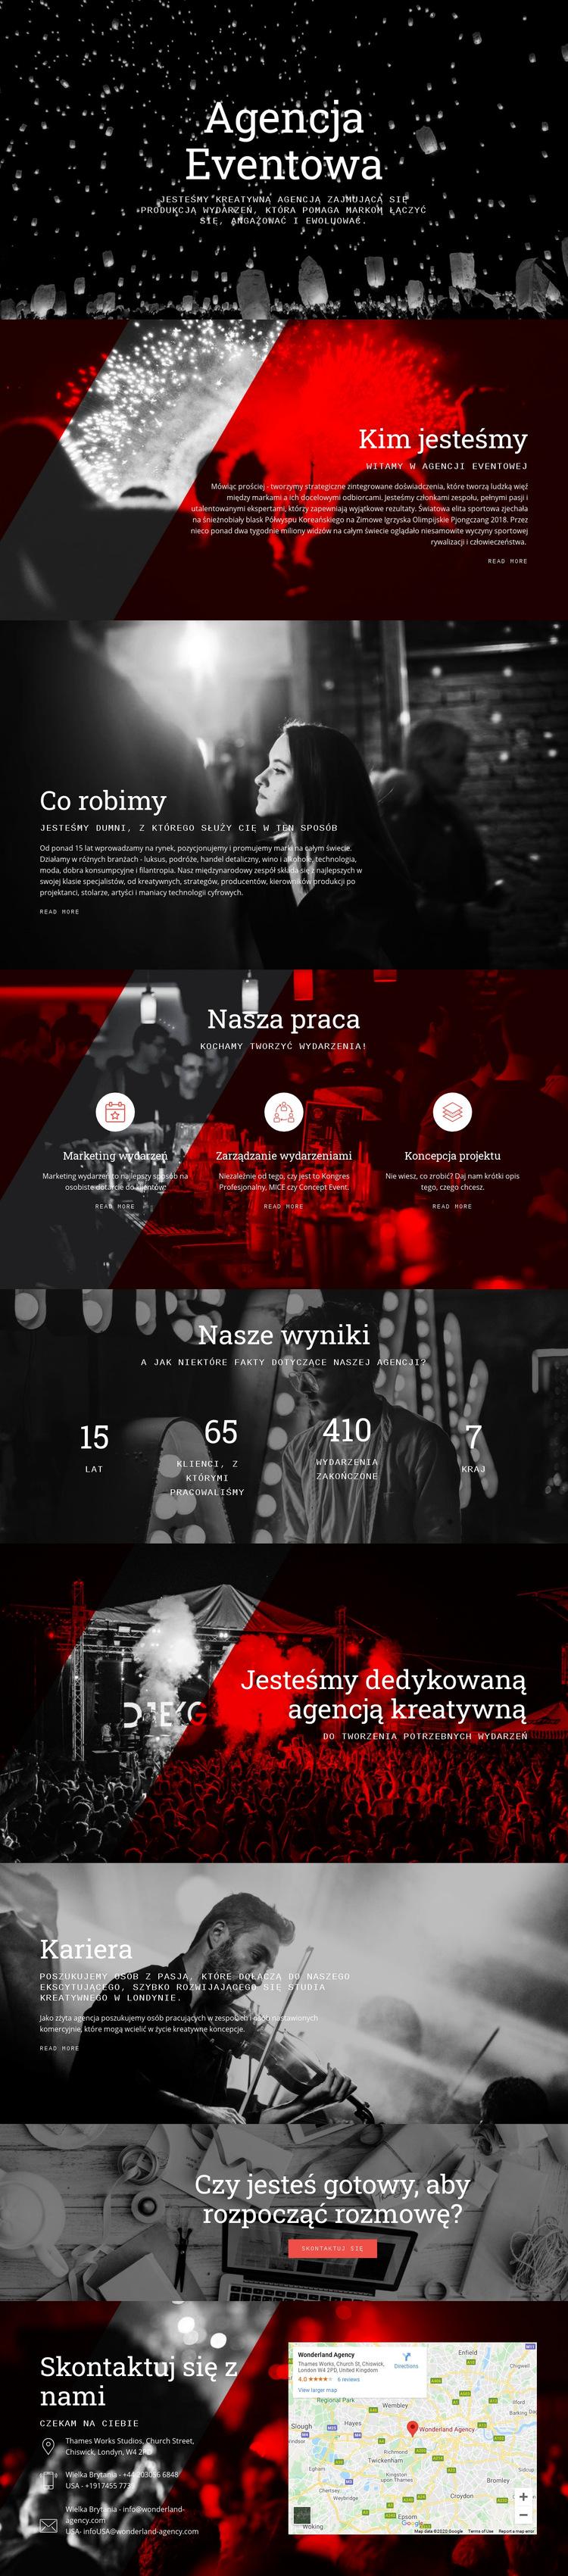 Agencja Eventowa Szablon witryny sieci Web